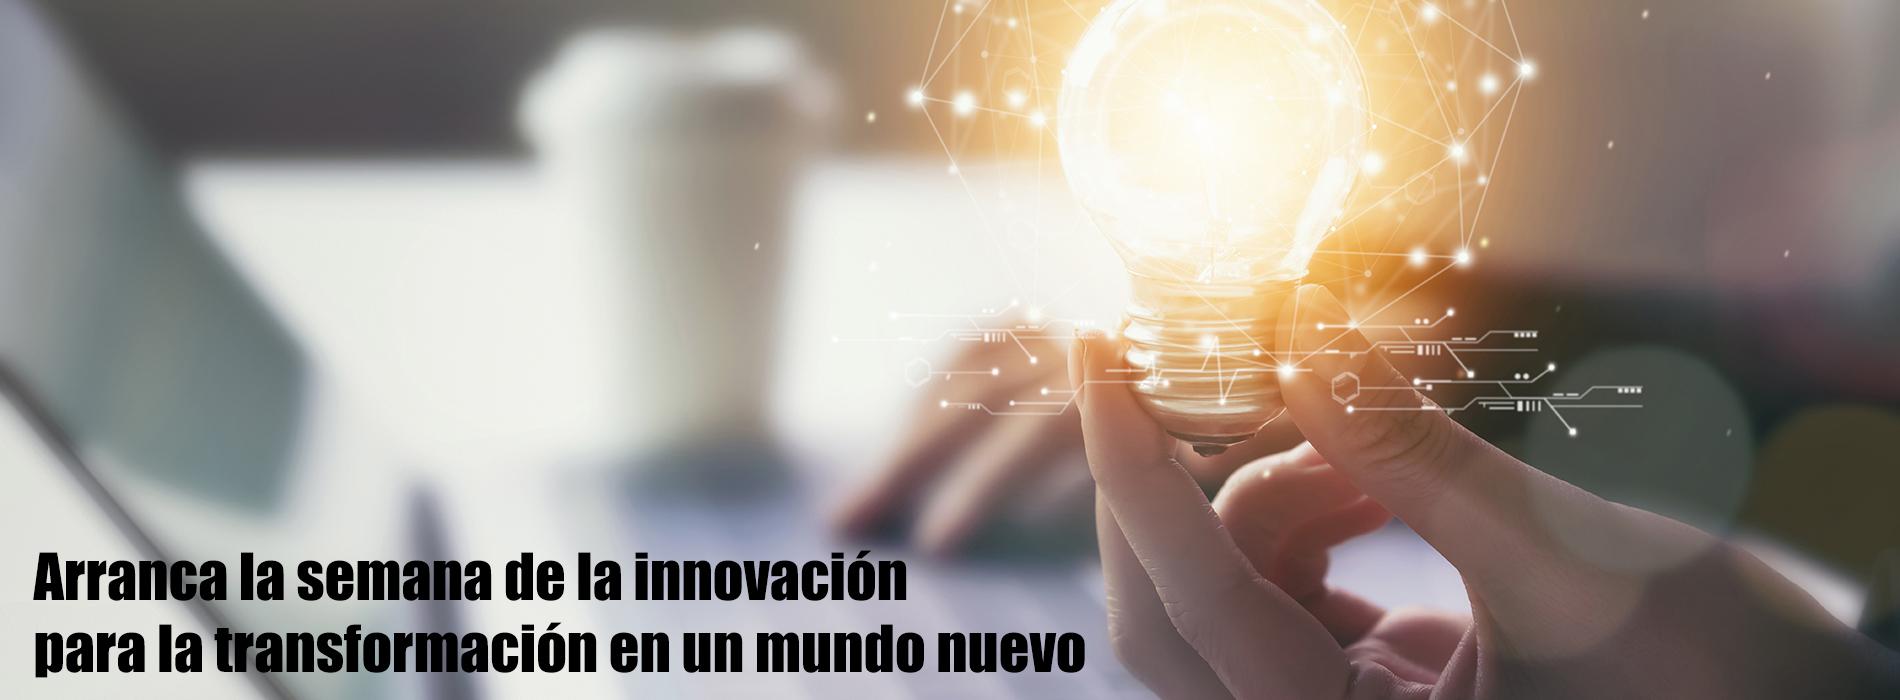 Arranca la Semana de la innovación para la transformación en un mundo nuevo.